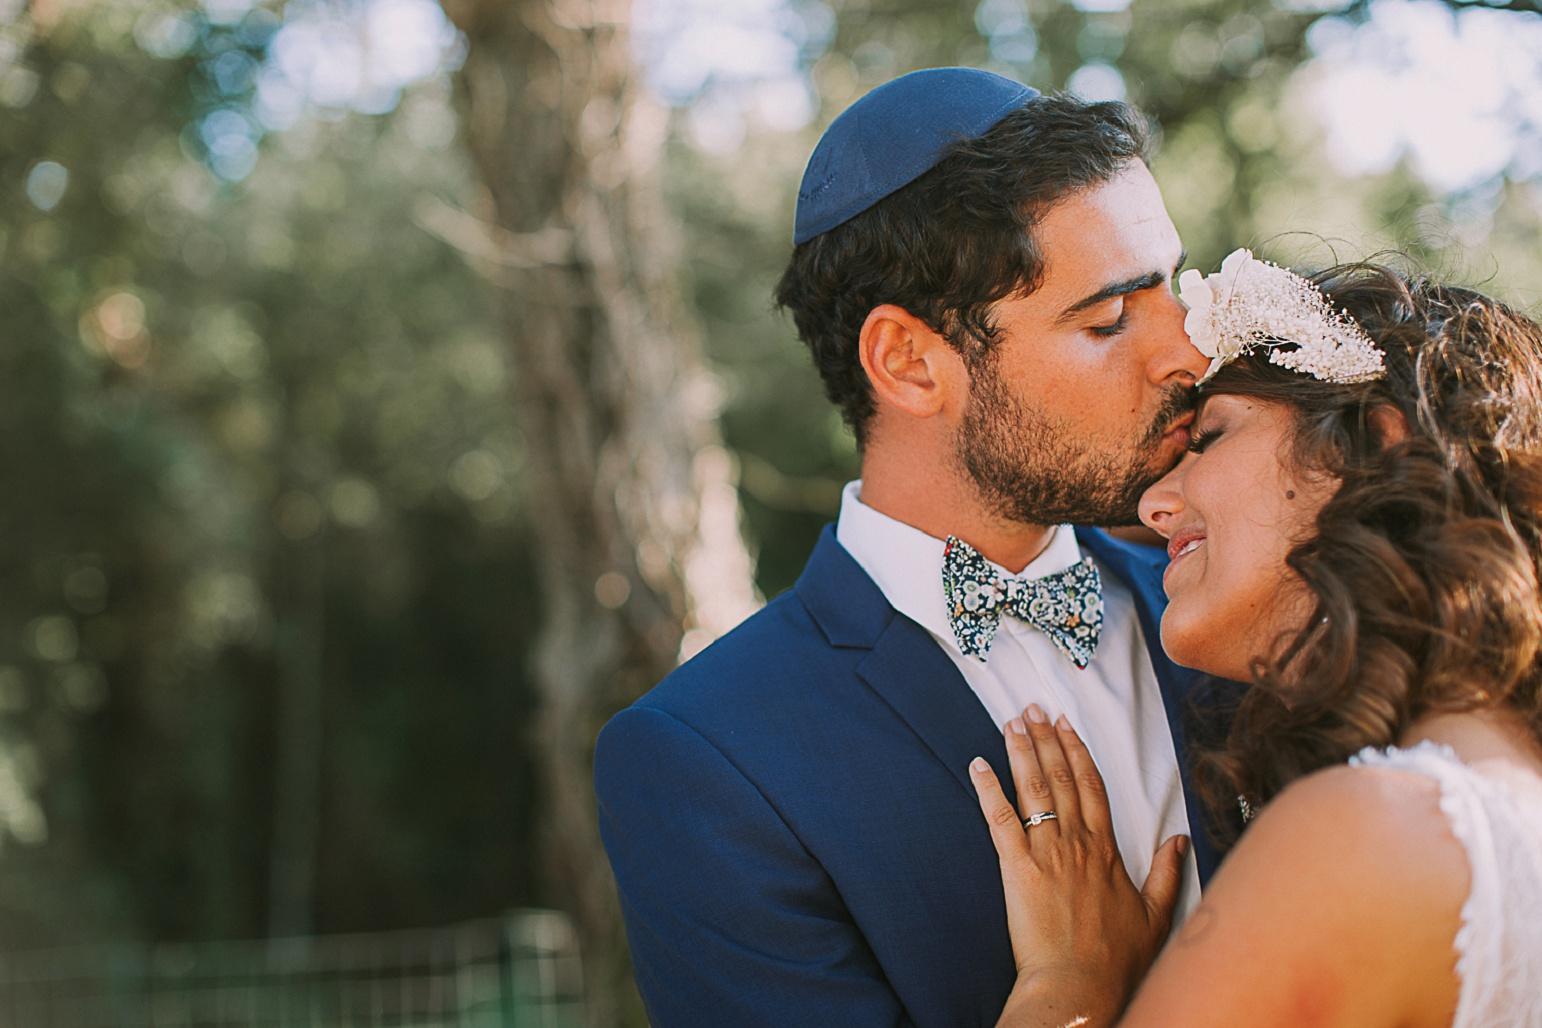 kiss-groom-kateryna-photos-mariage-photographe-chateau-maime-aix-nice-provence-wedding-arcs-sur-argens